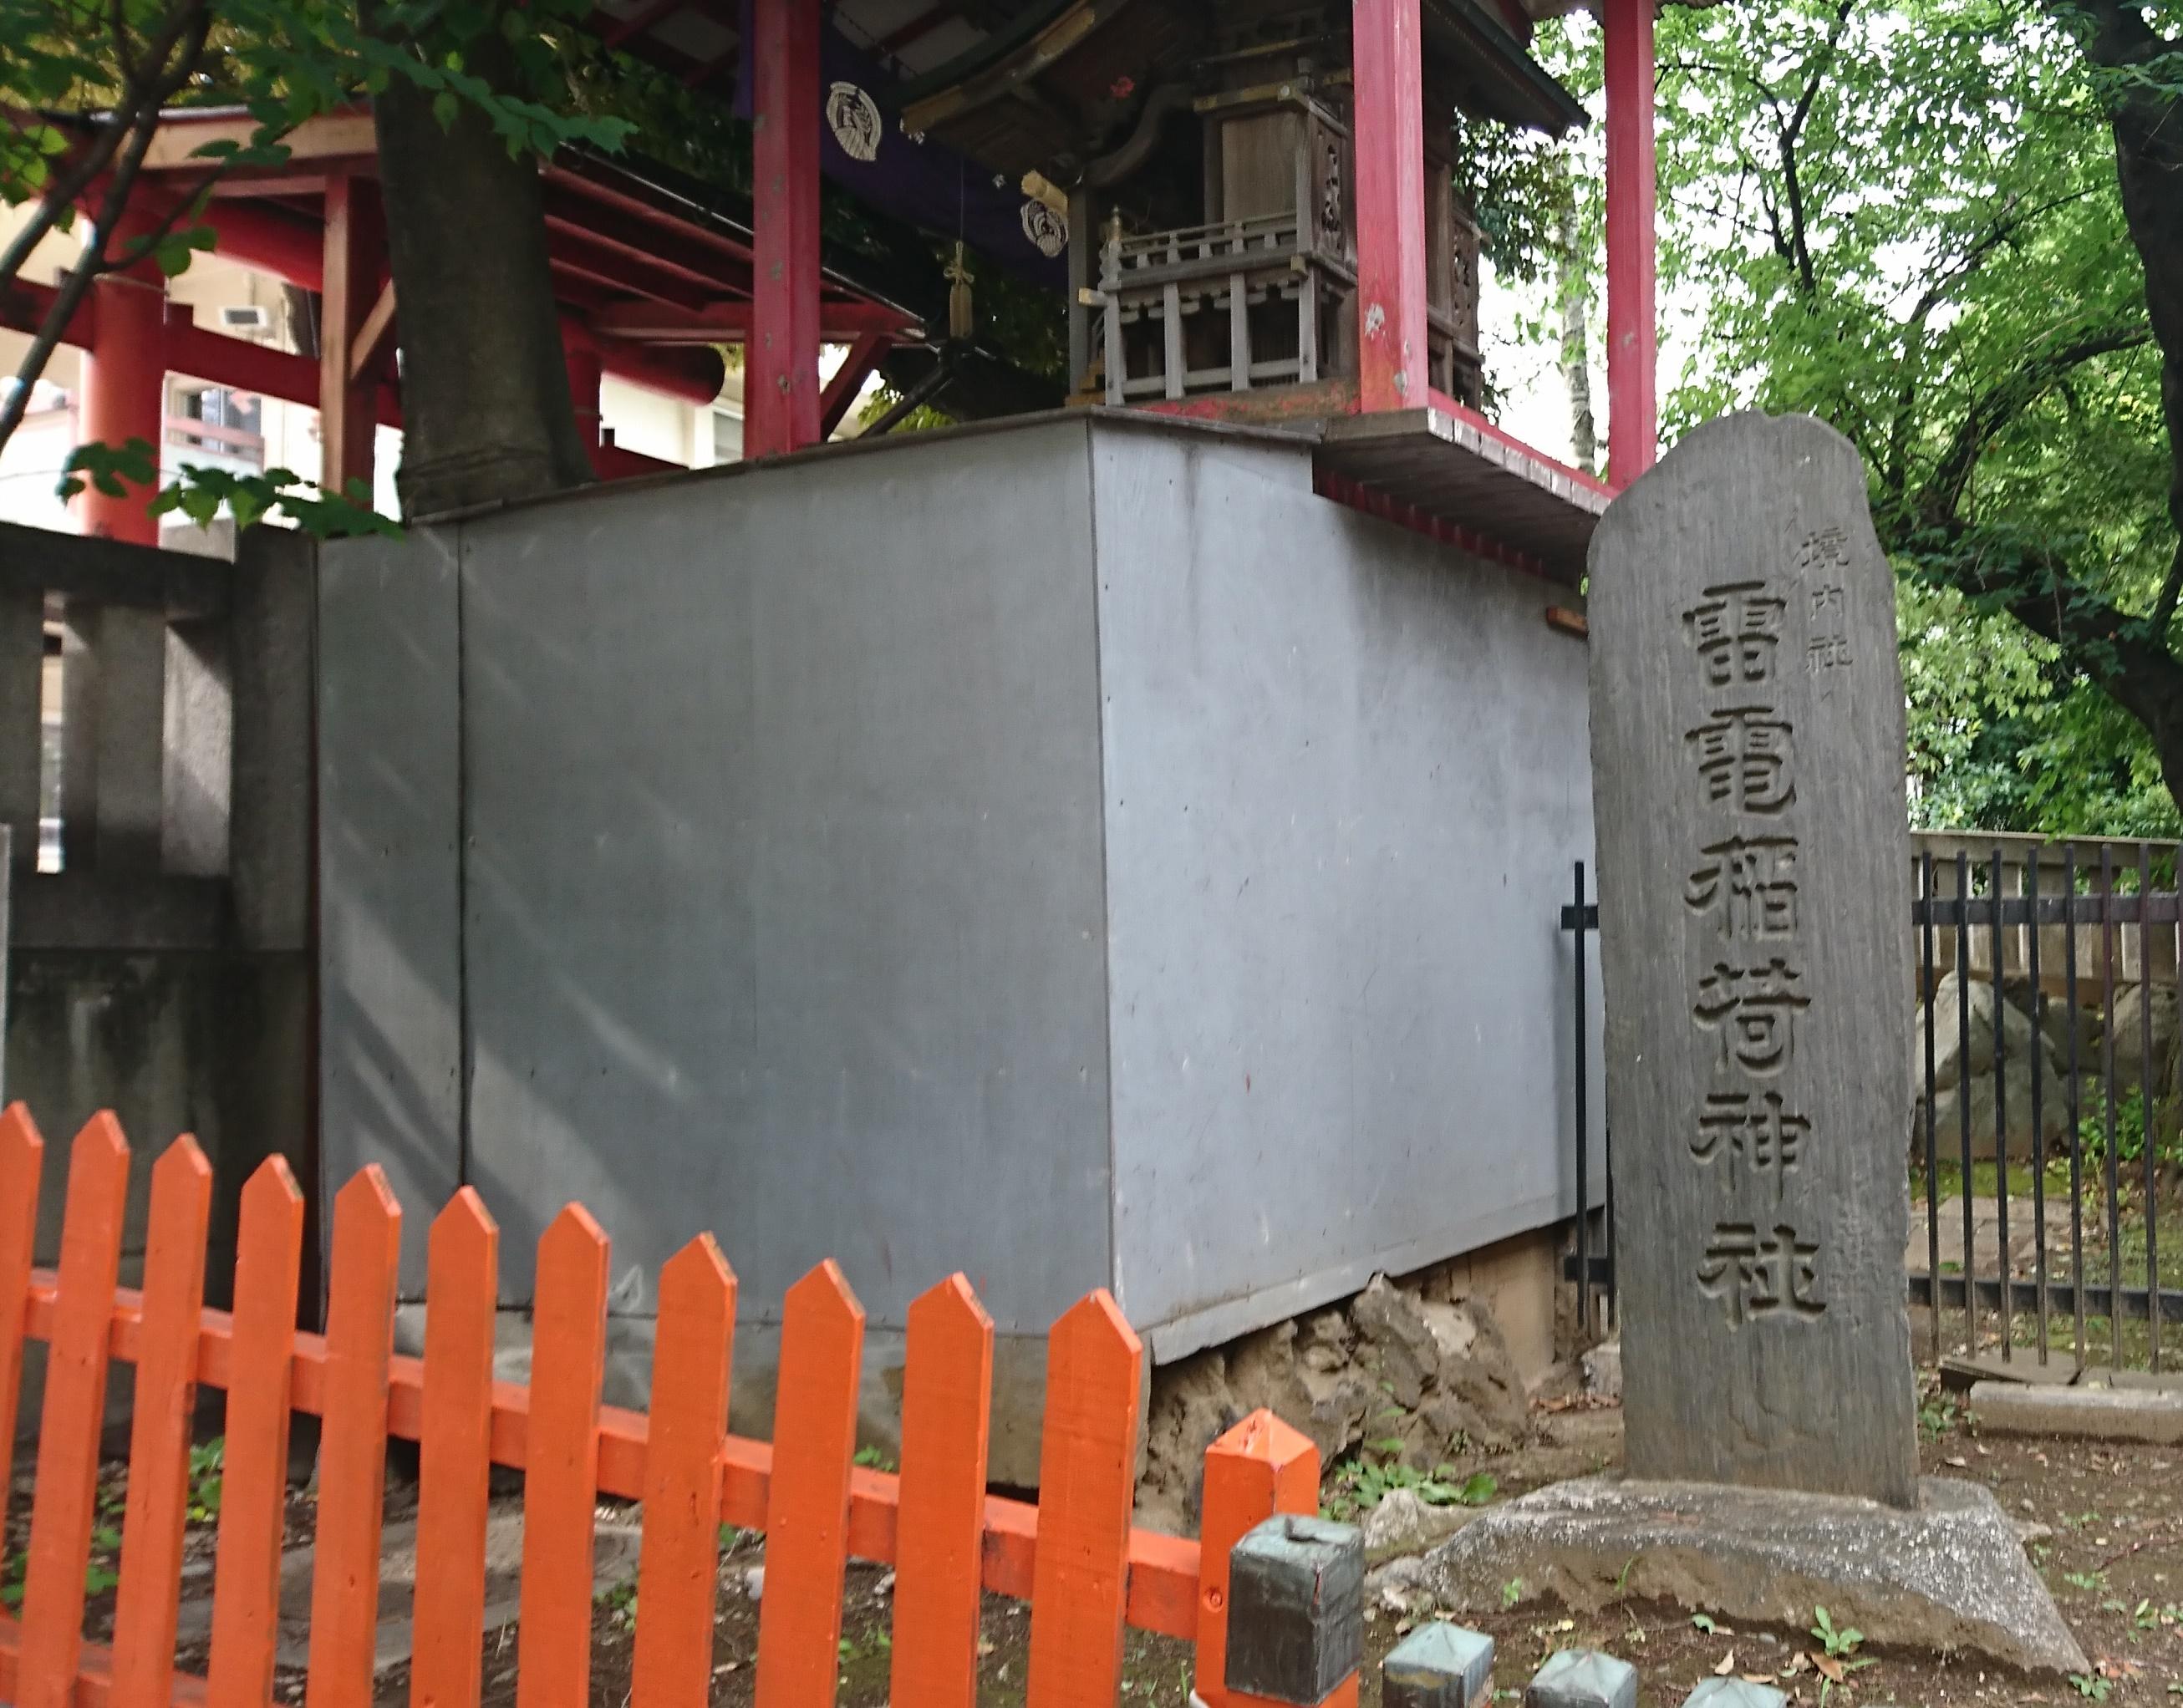 花園神社のご利益は食べ物の雷電稲荷神社